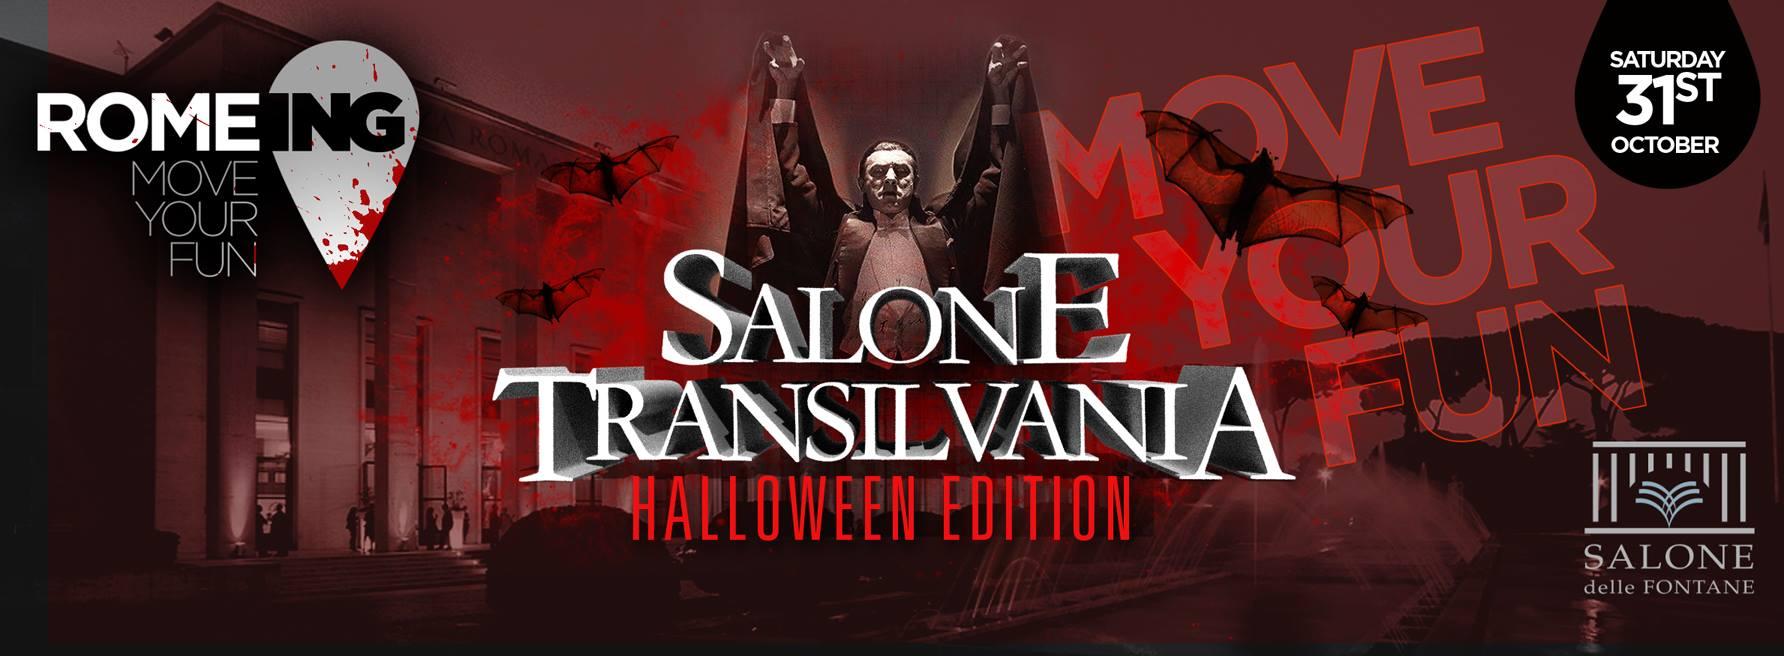 Halloween 2015 Salone delle Fontane sabato 31 ottobre